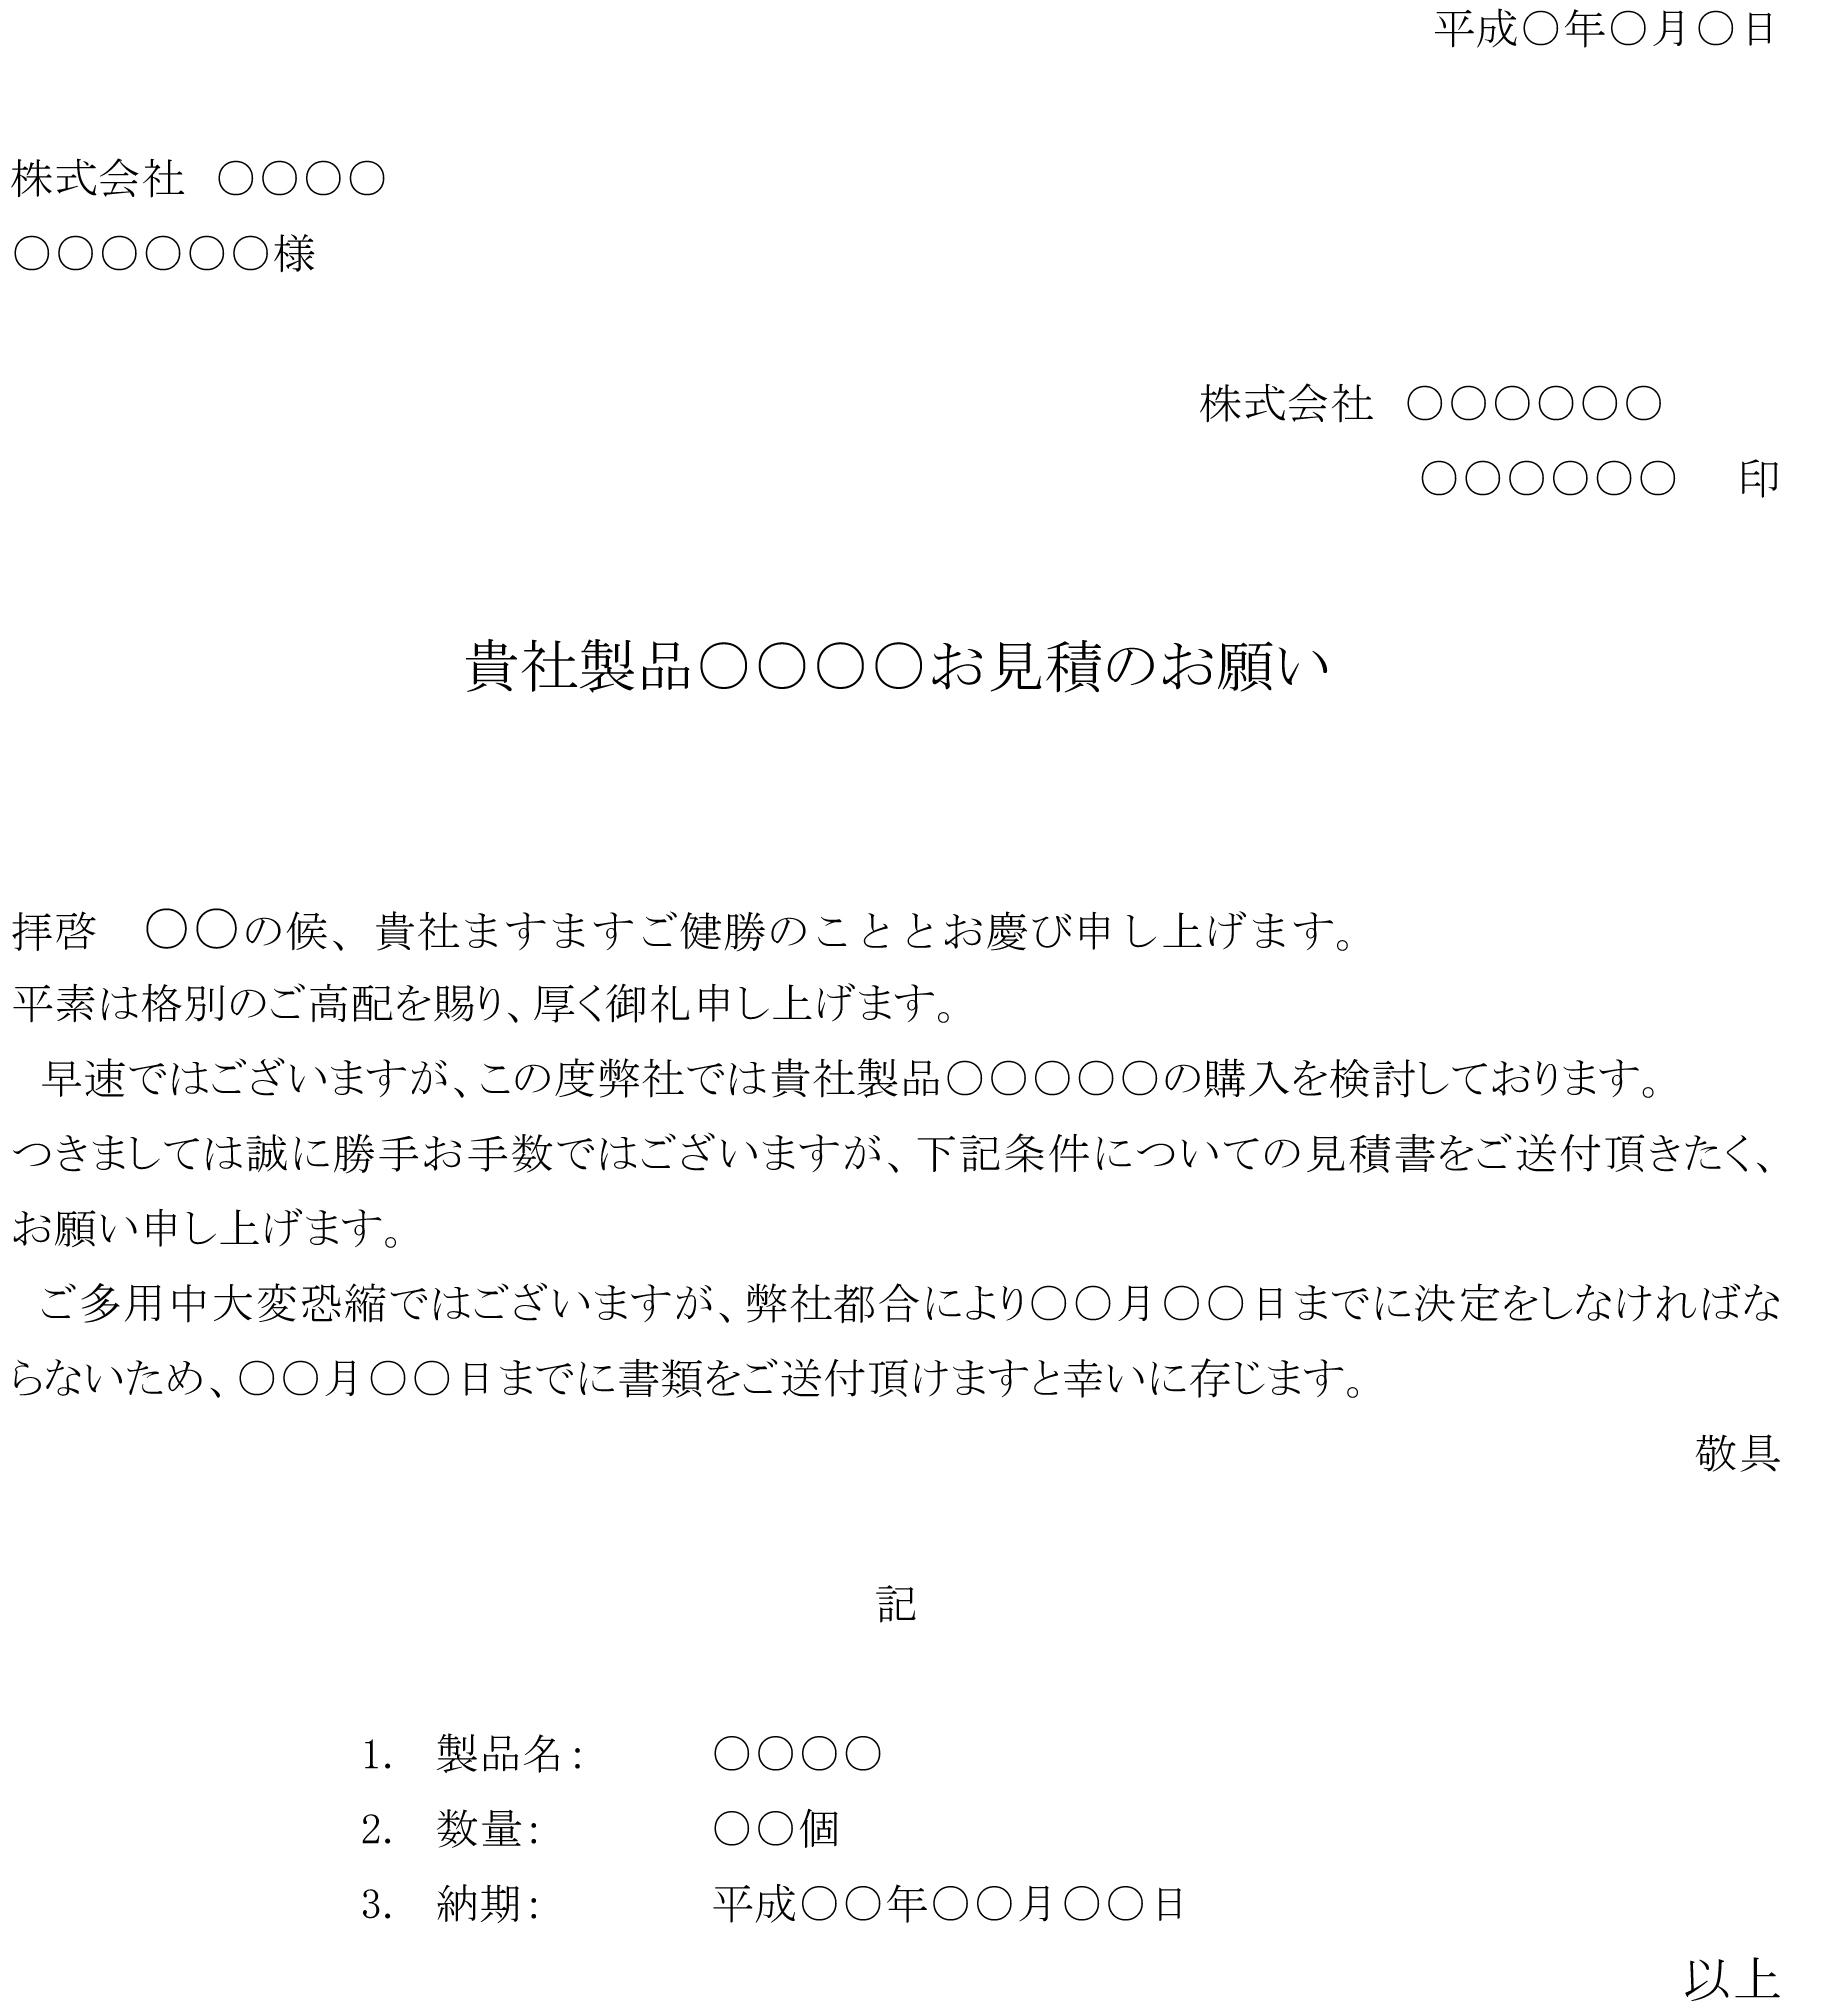 依頼状(見積書送付)02